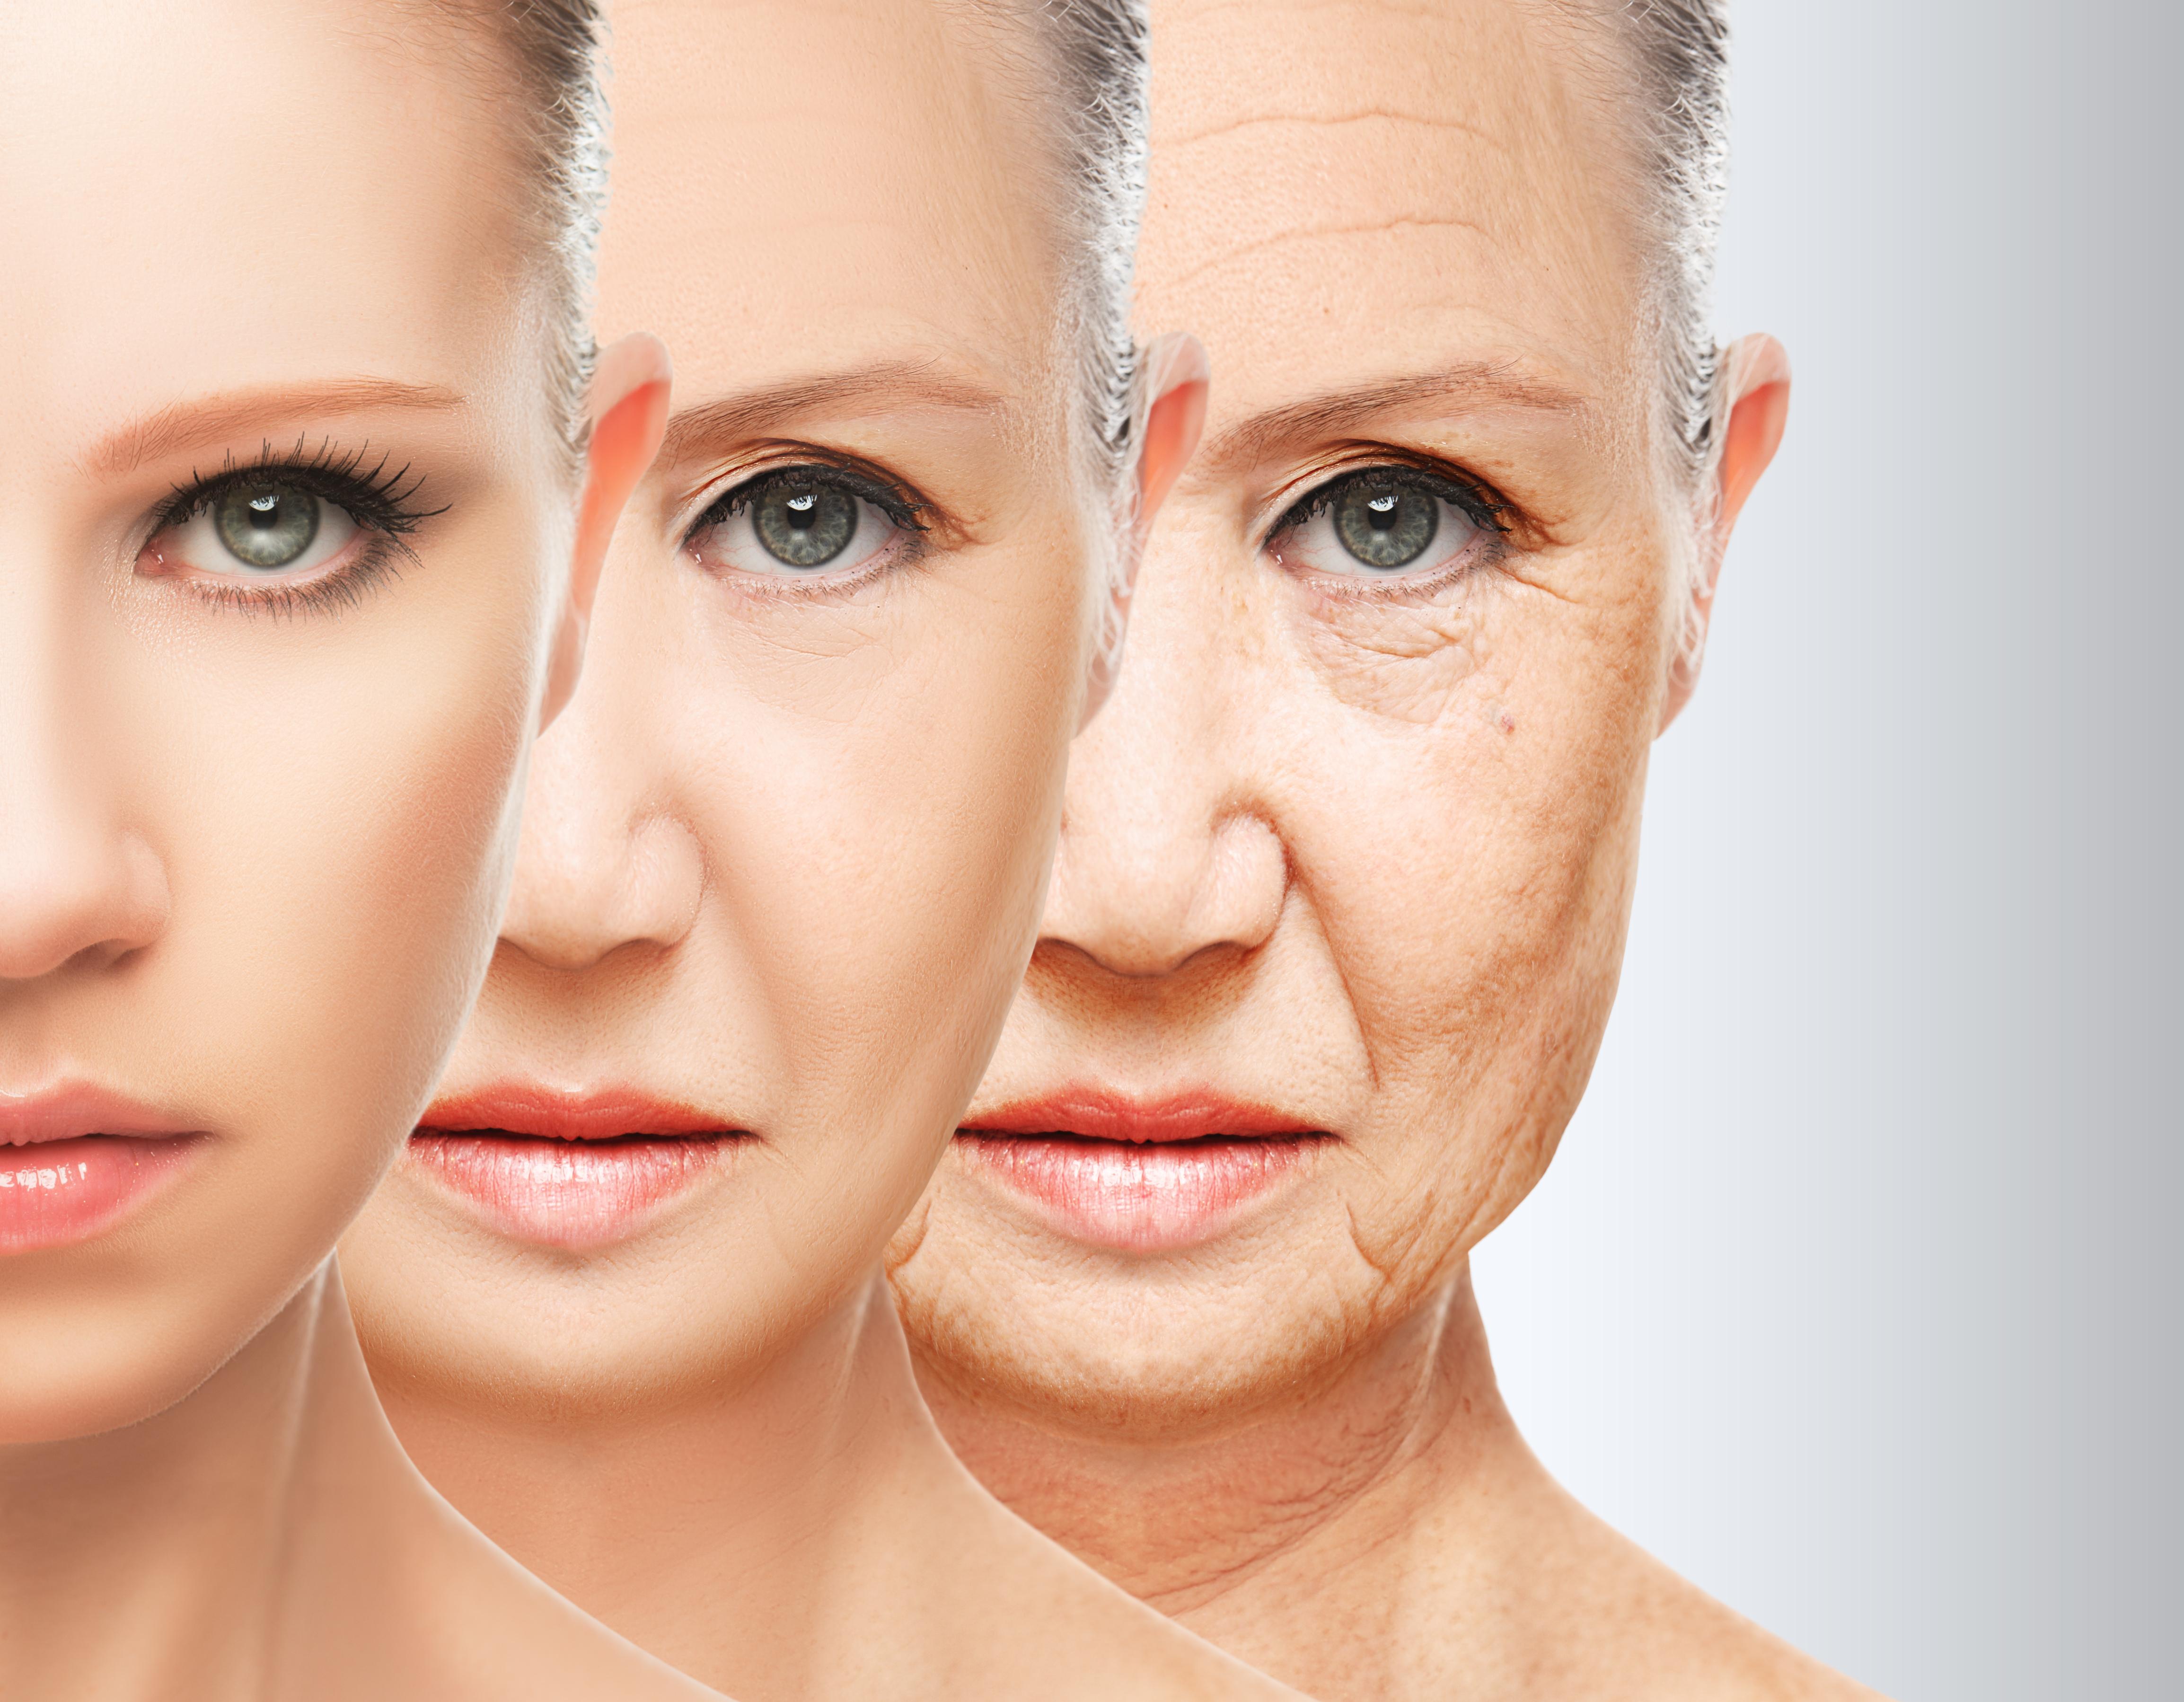 Морщины вокруг глаз: причины появления, избавление от них